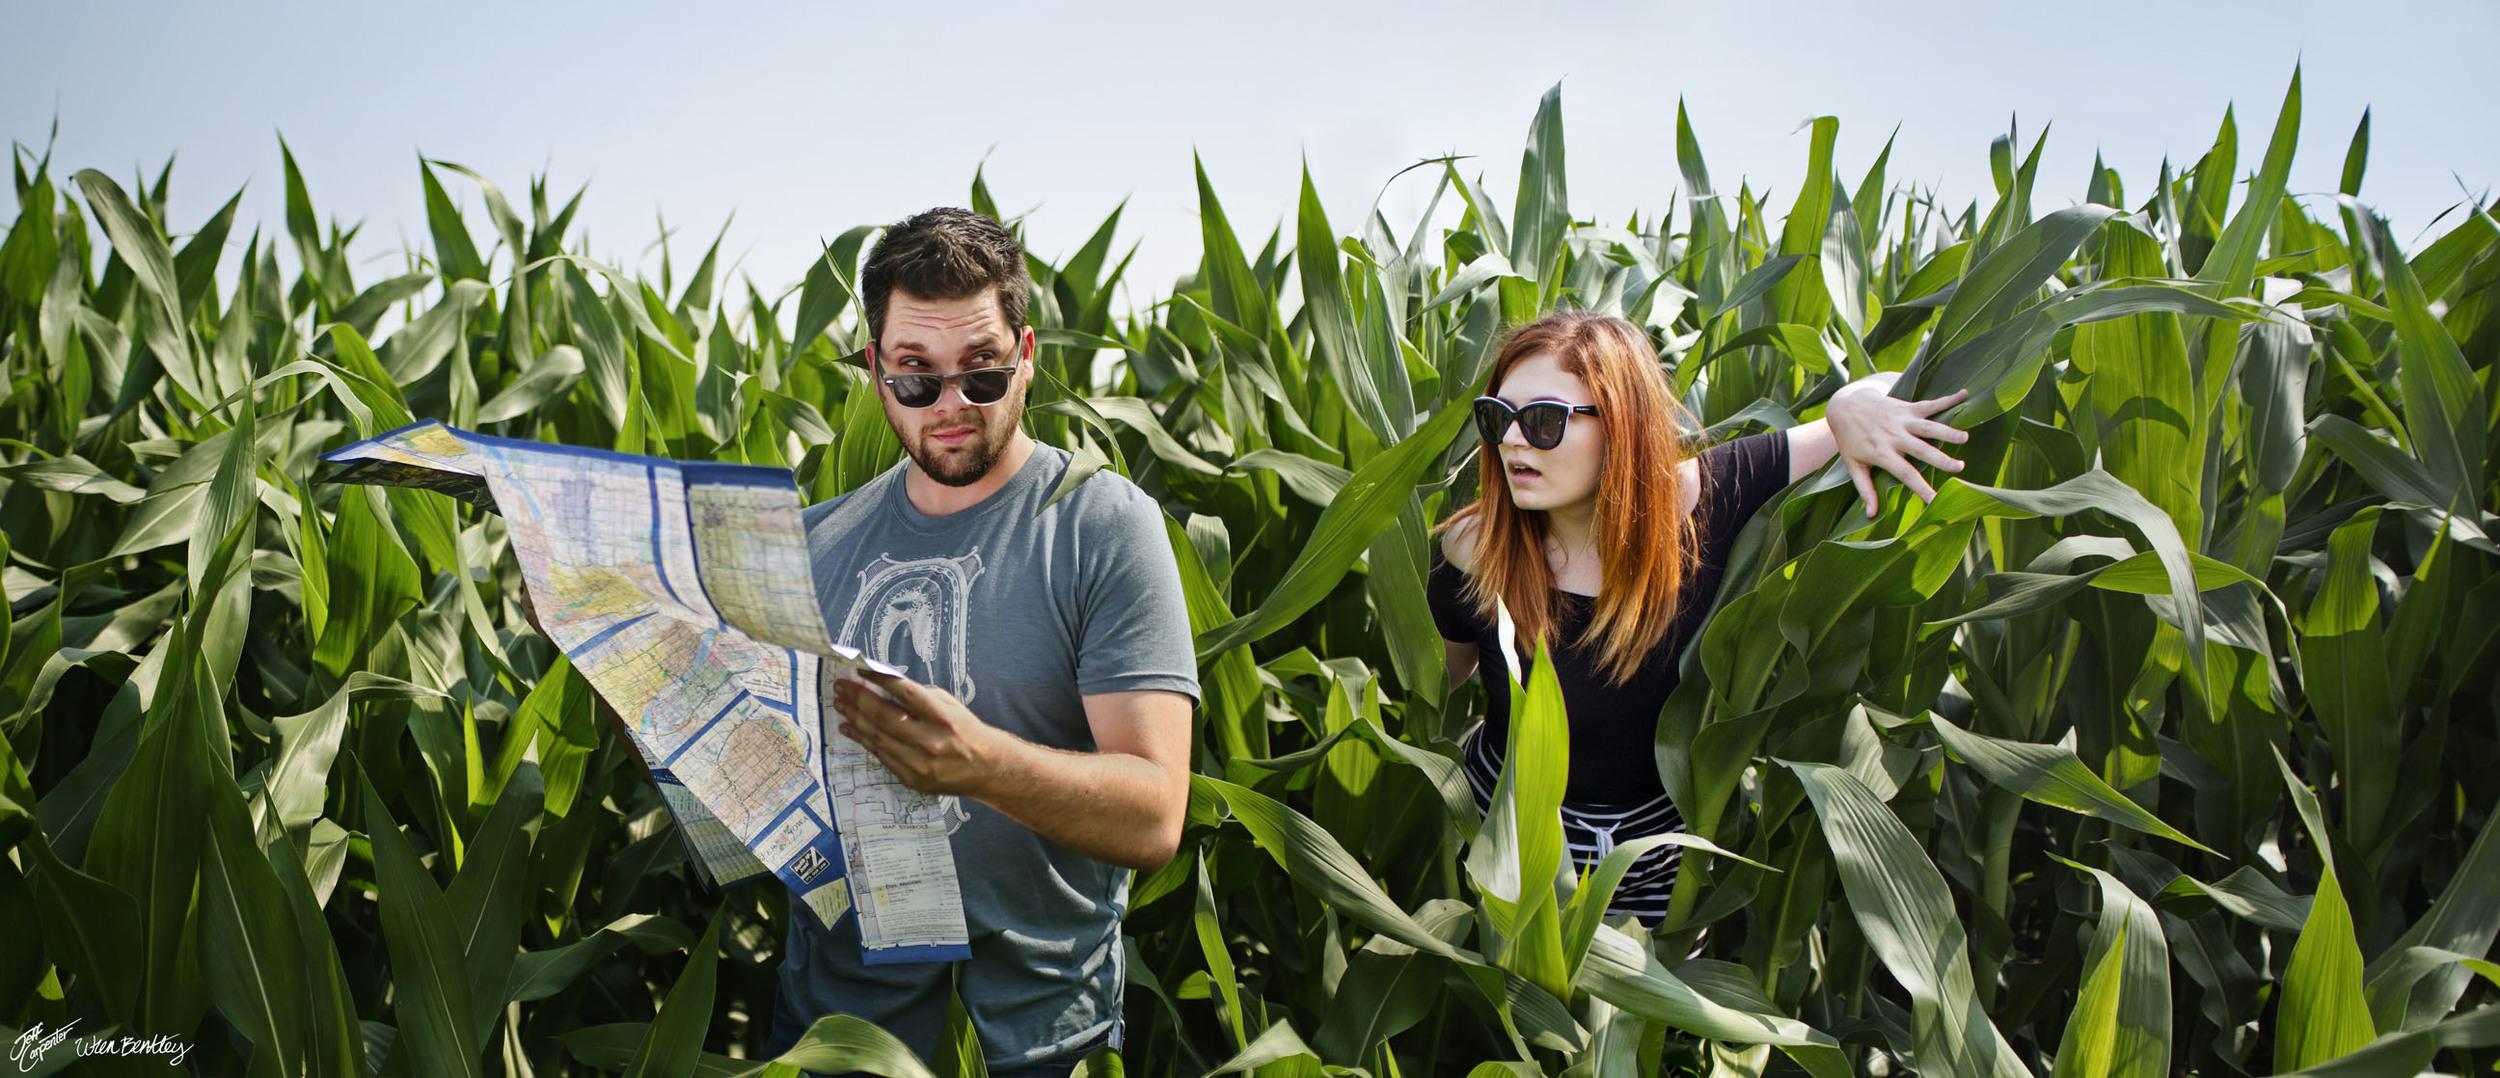 Lost in the Corn Final.jpg